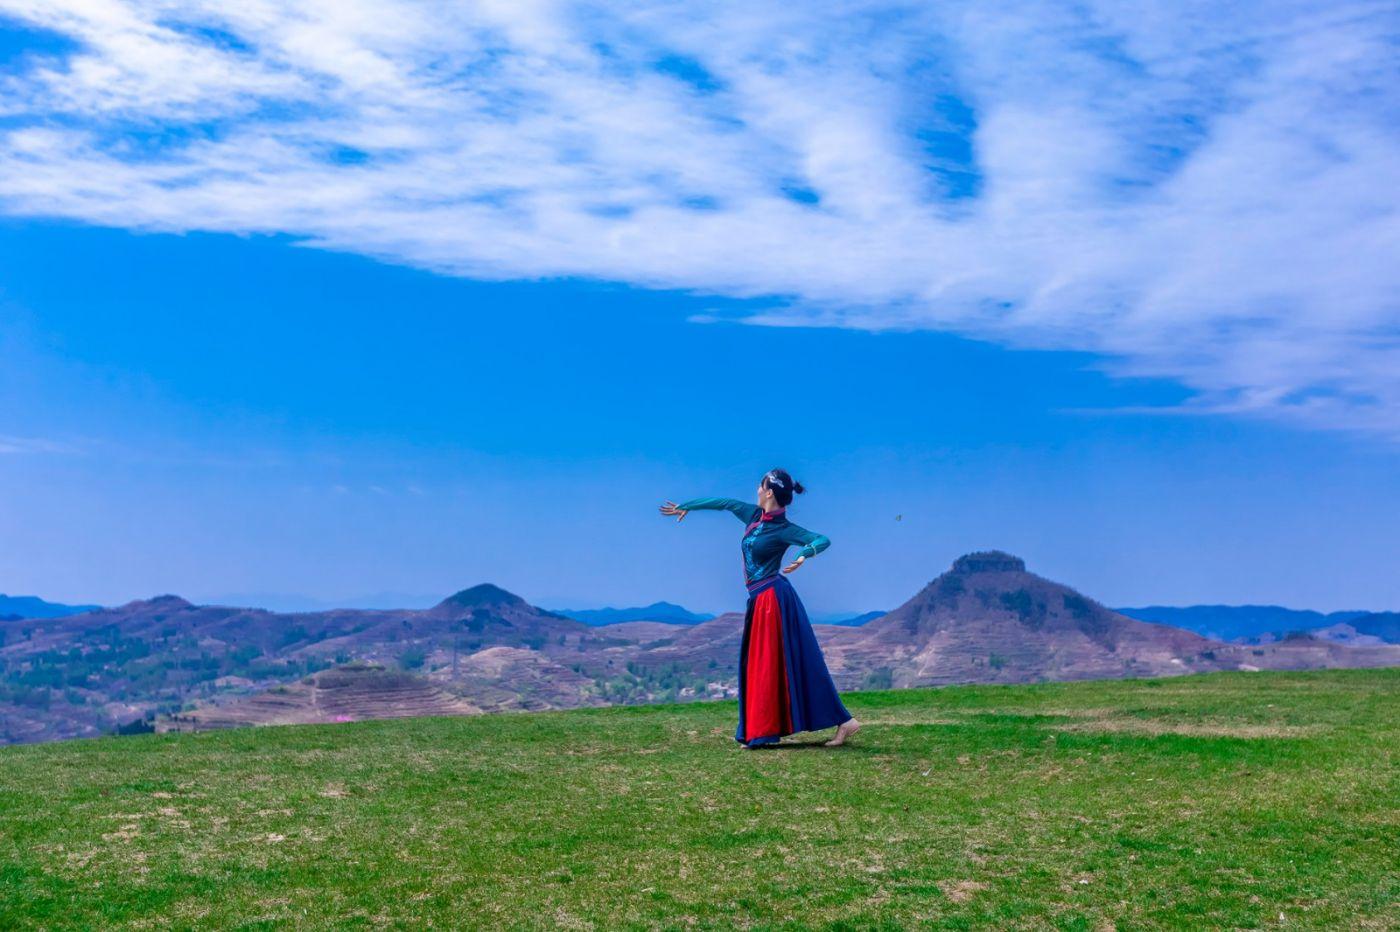 崮上草原有位女孩在翩翩起舞 她要和你邂逅在崮上花开的季节 ..._图1-14